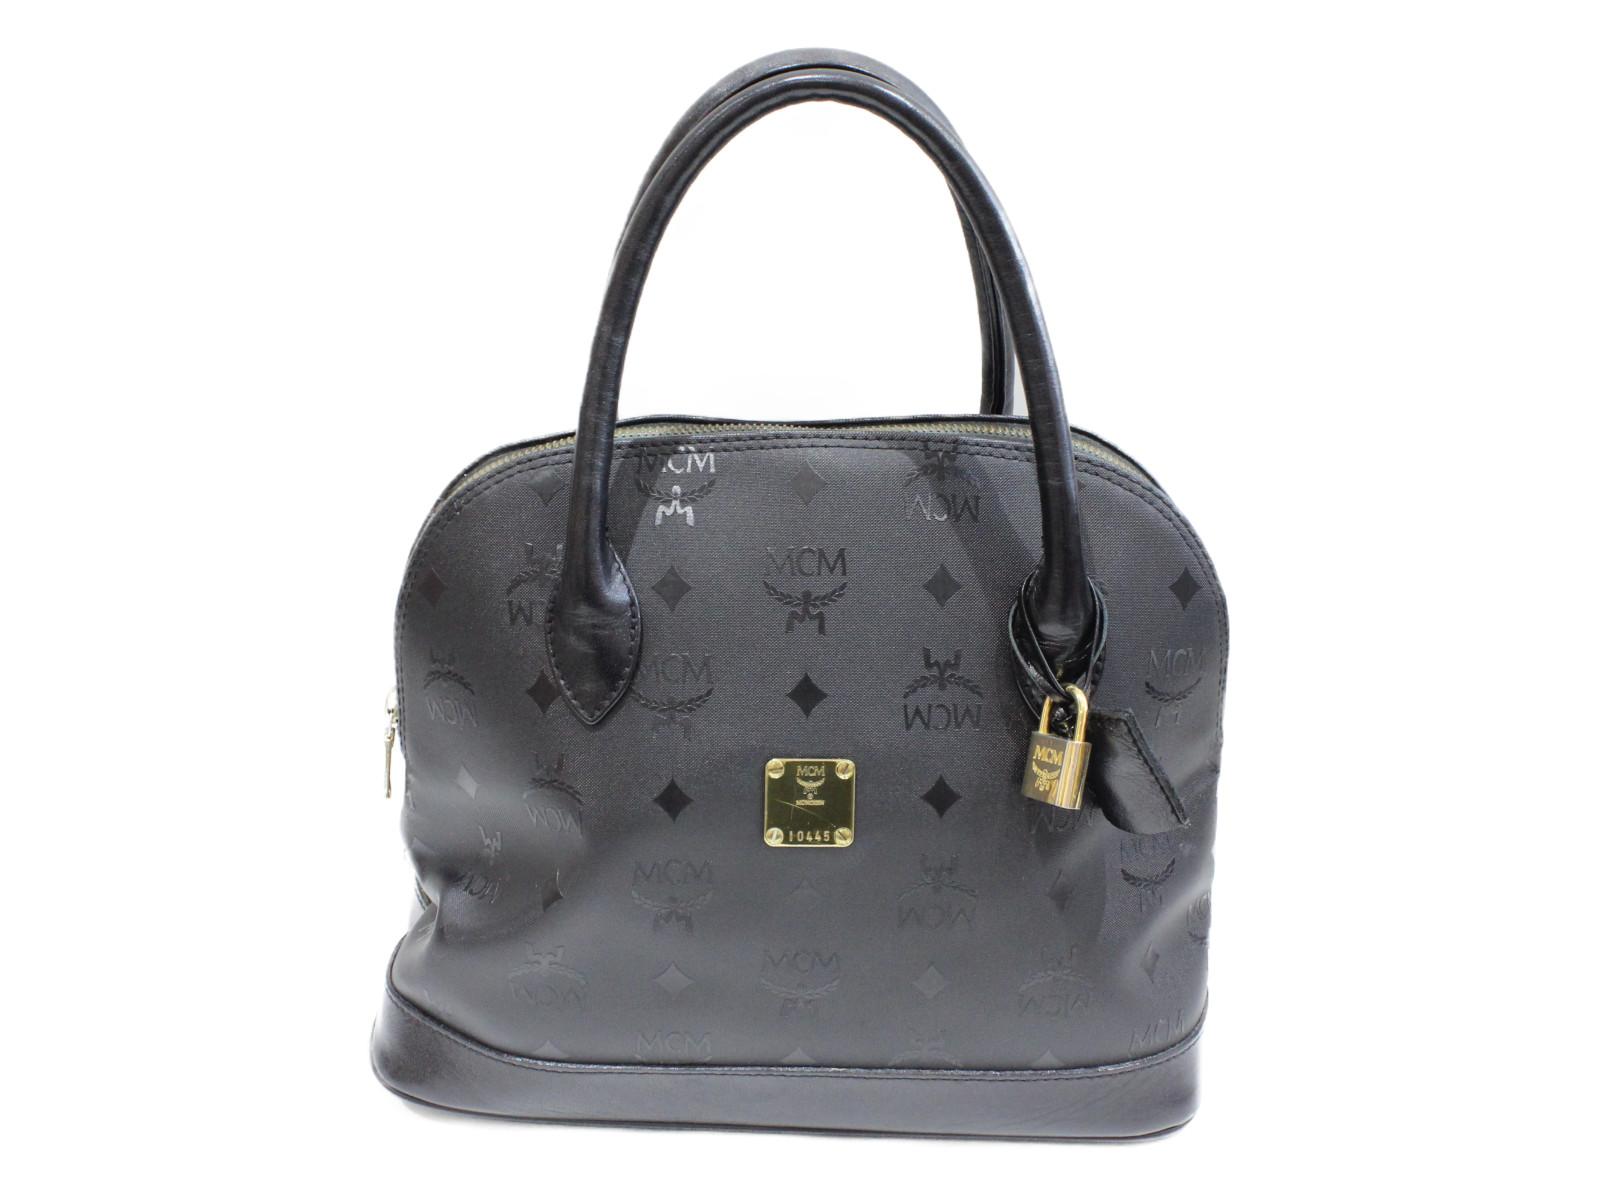 【MCM(エムシーエム)】ハンドバッグ普段使い ブラック シンプル人気商品 プレゼント包装可【中古】